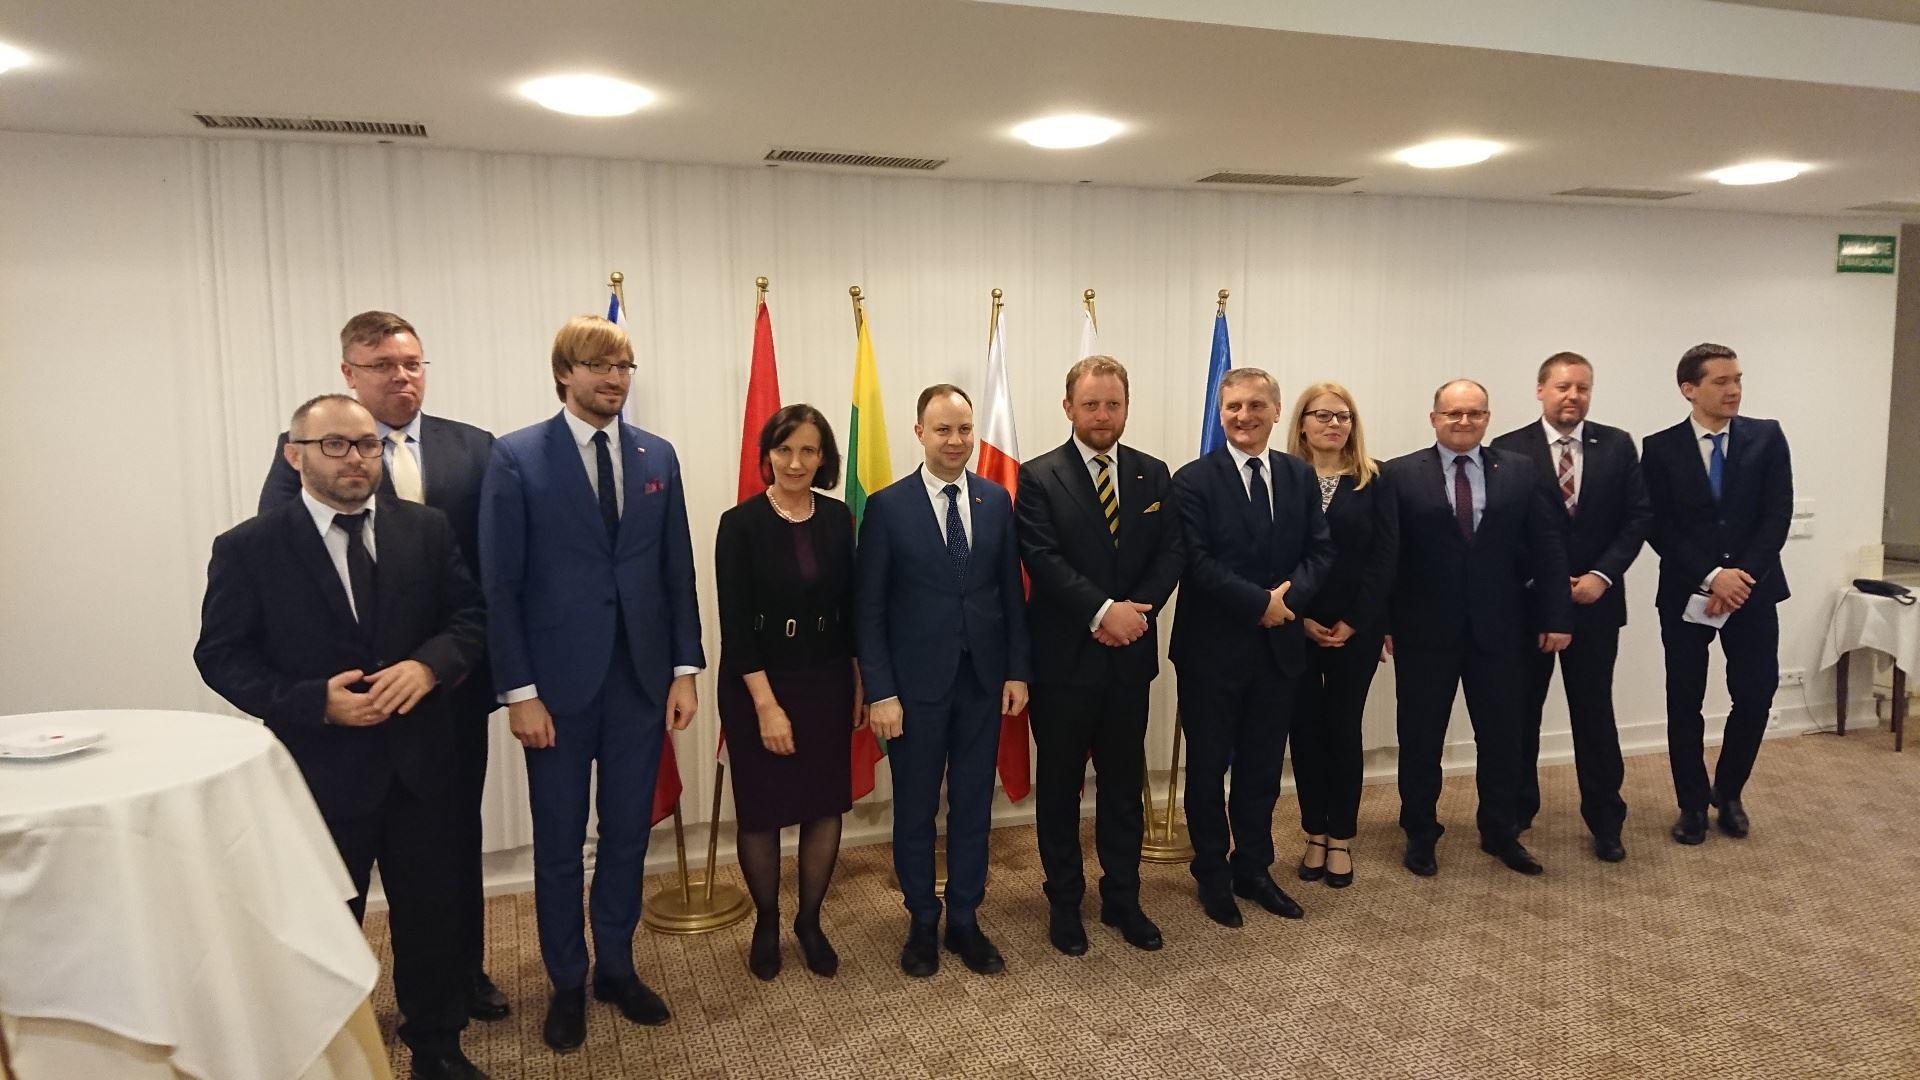 Lenkijoje ministras A. Veryga su kitais ministrais tarėsi, kaip mažinti vaistų kainas